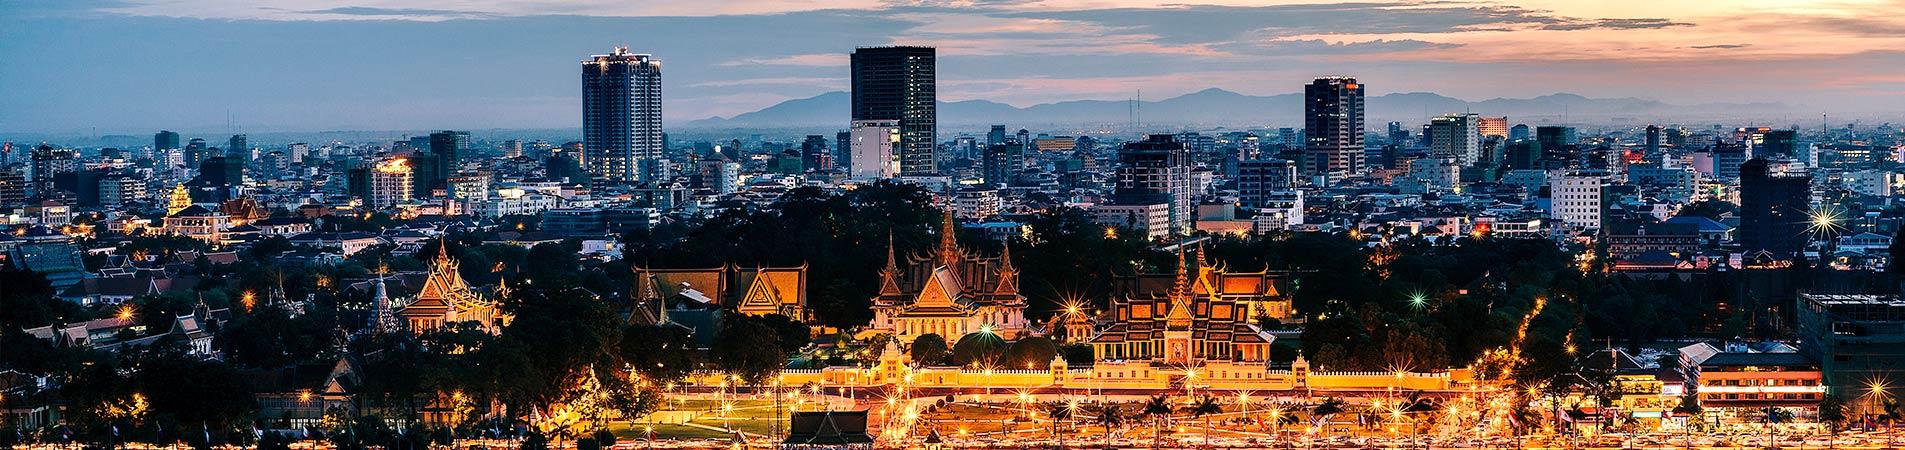 جاهای دیدنی کامبوج که هرگز نباید از دست بدهید